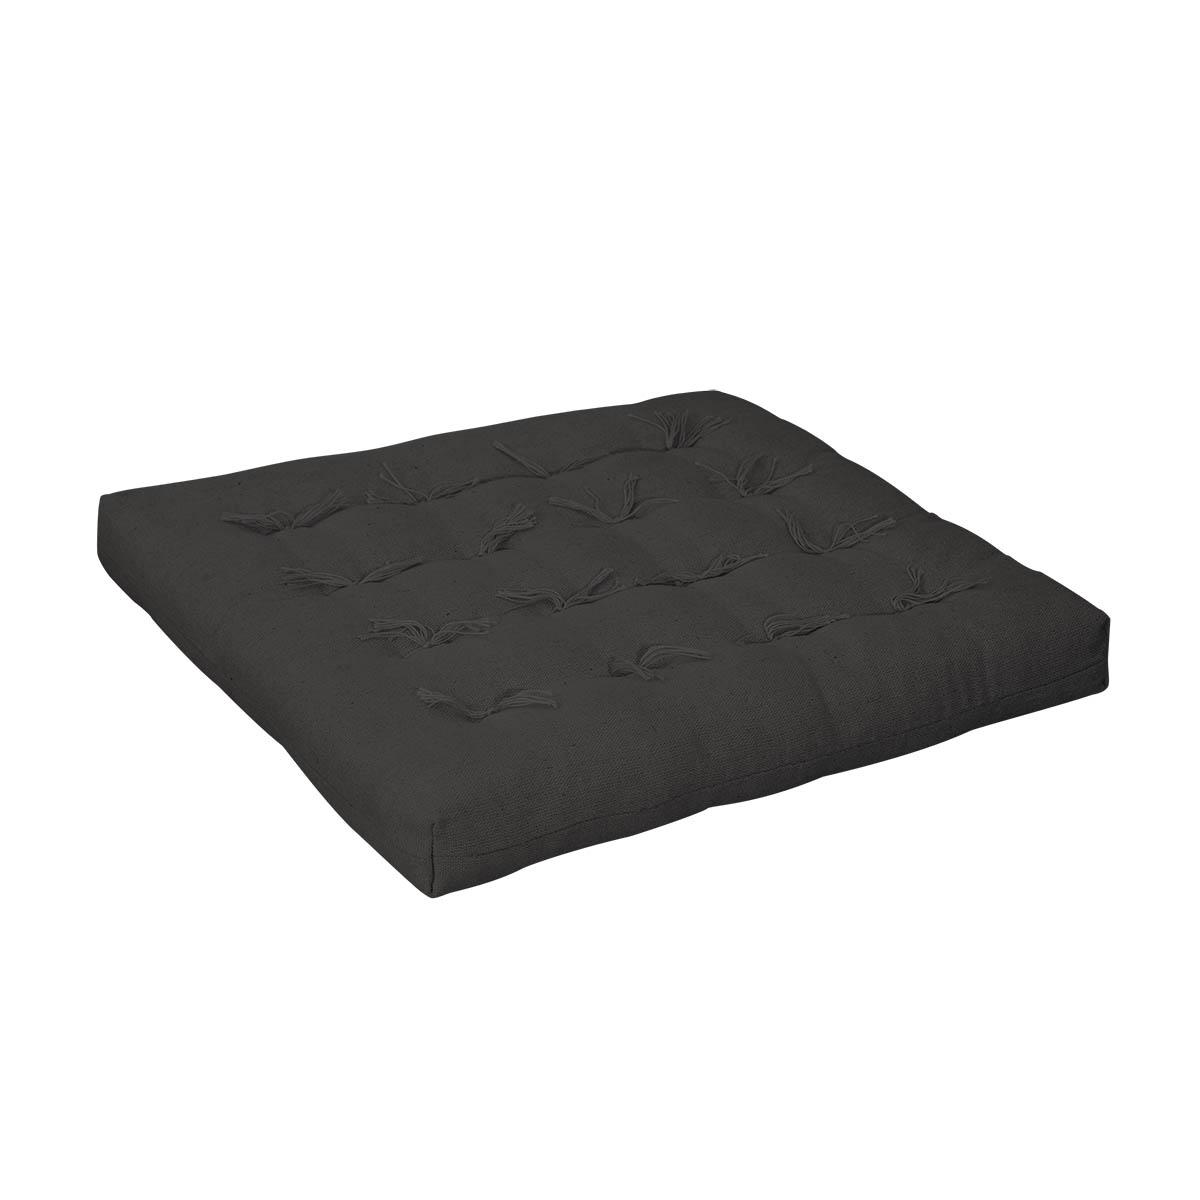 almofada almofada para cadeiras 02.jpg #565553 1200x1200